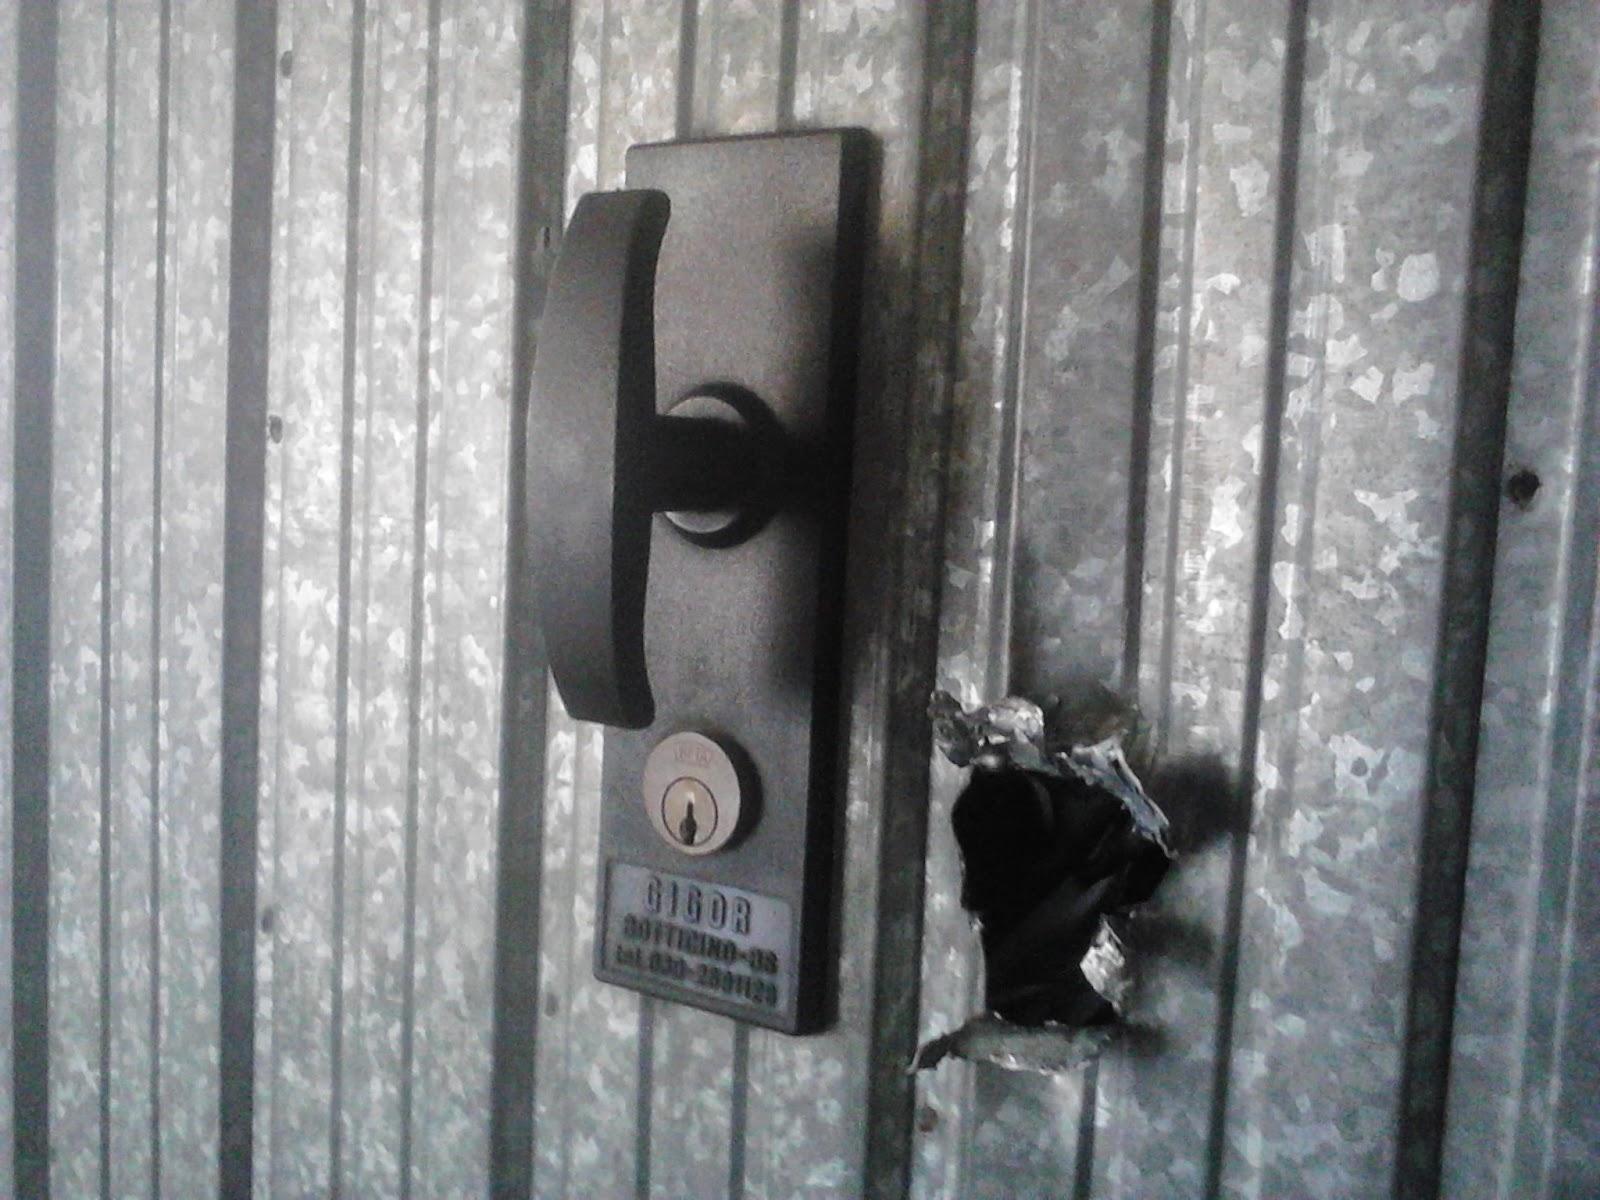 Sicurezza in garage sostituzione serrature per basculanti - Cambiare serratura porta ingresso ...